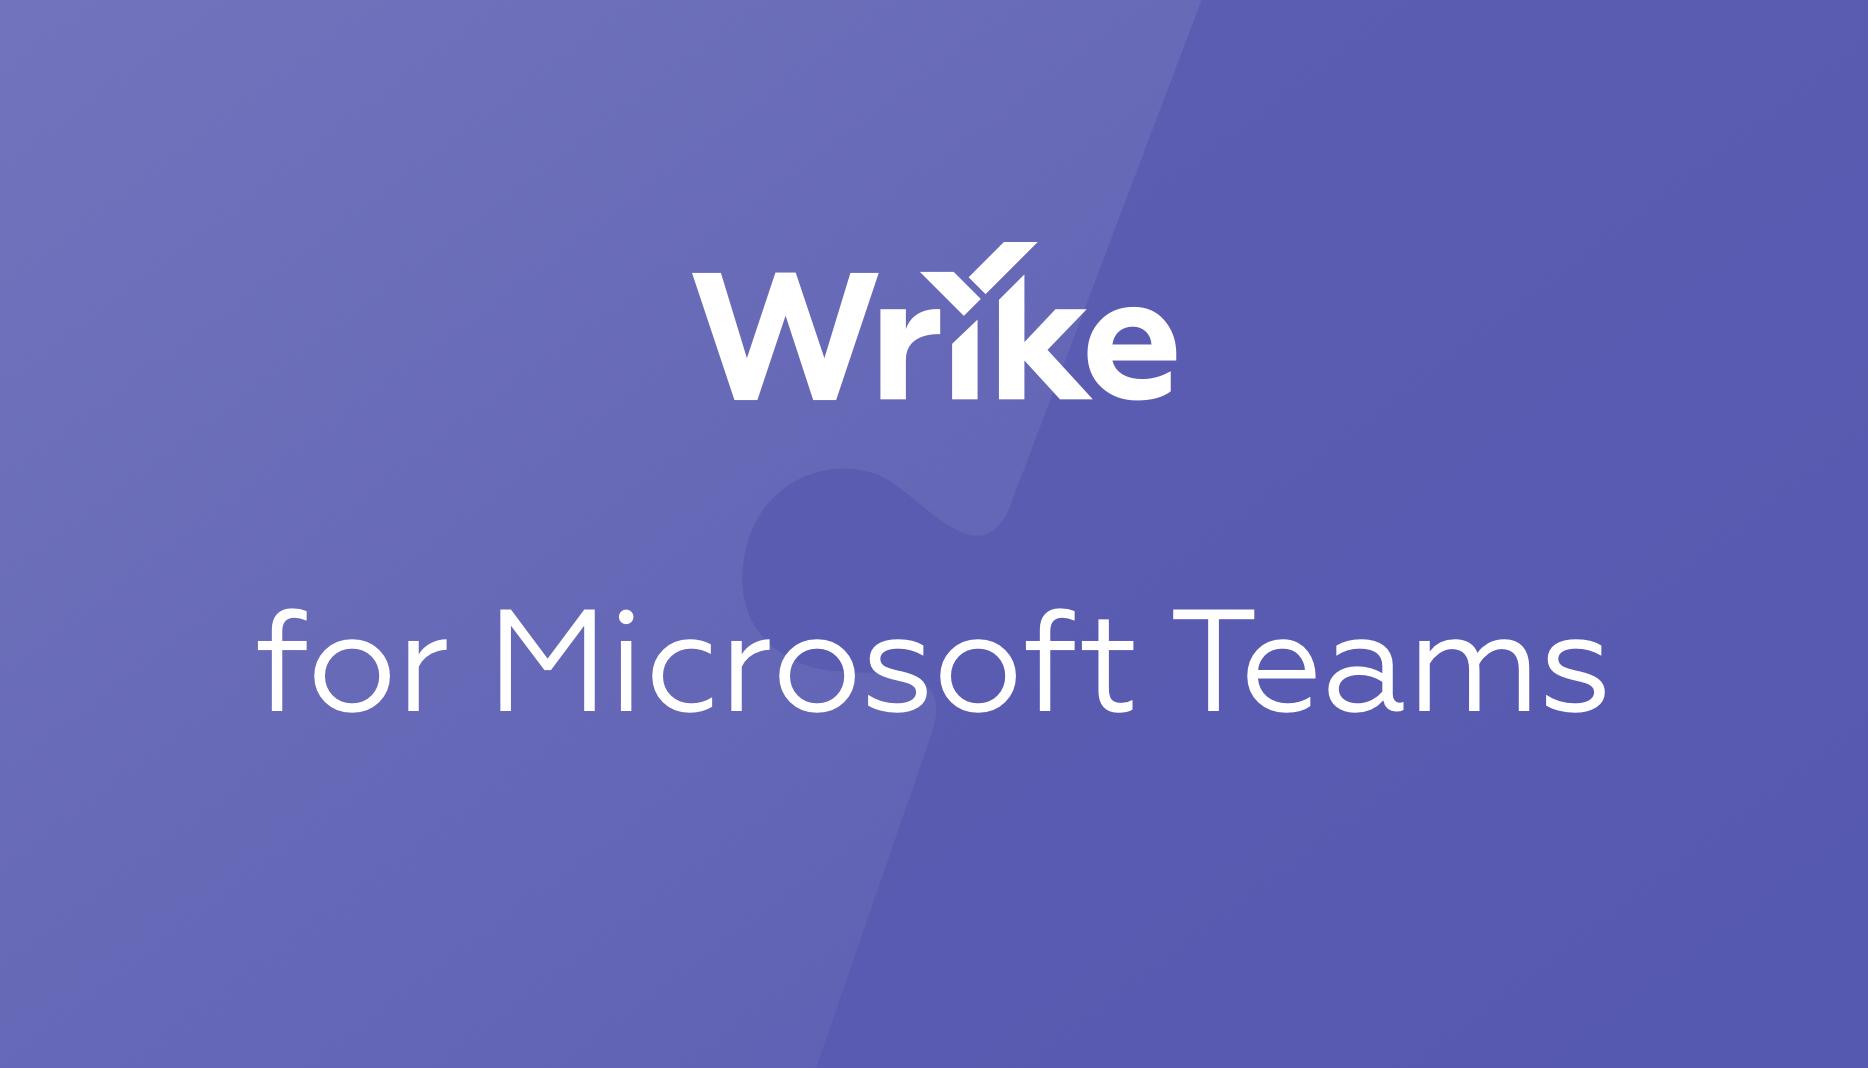 Haz más con la actualización de Wrike para Microsoft Teams